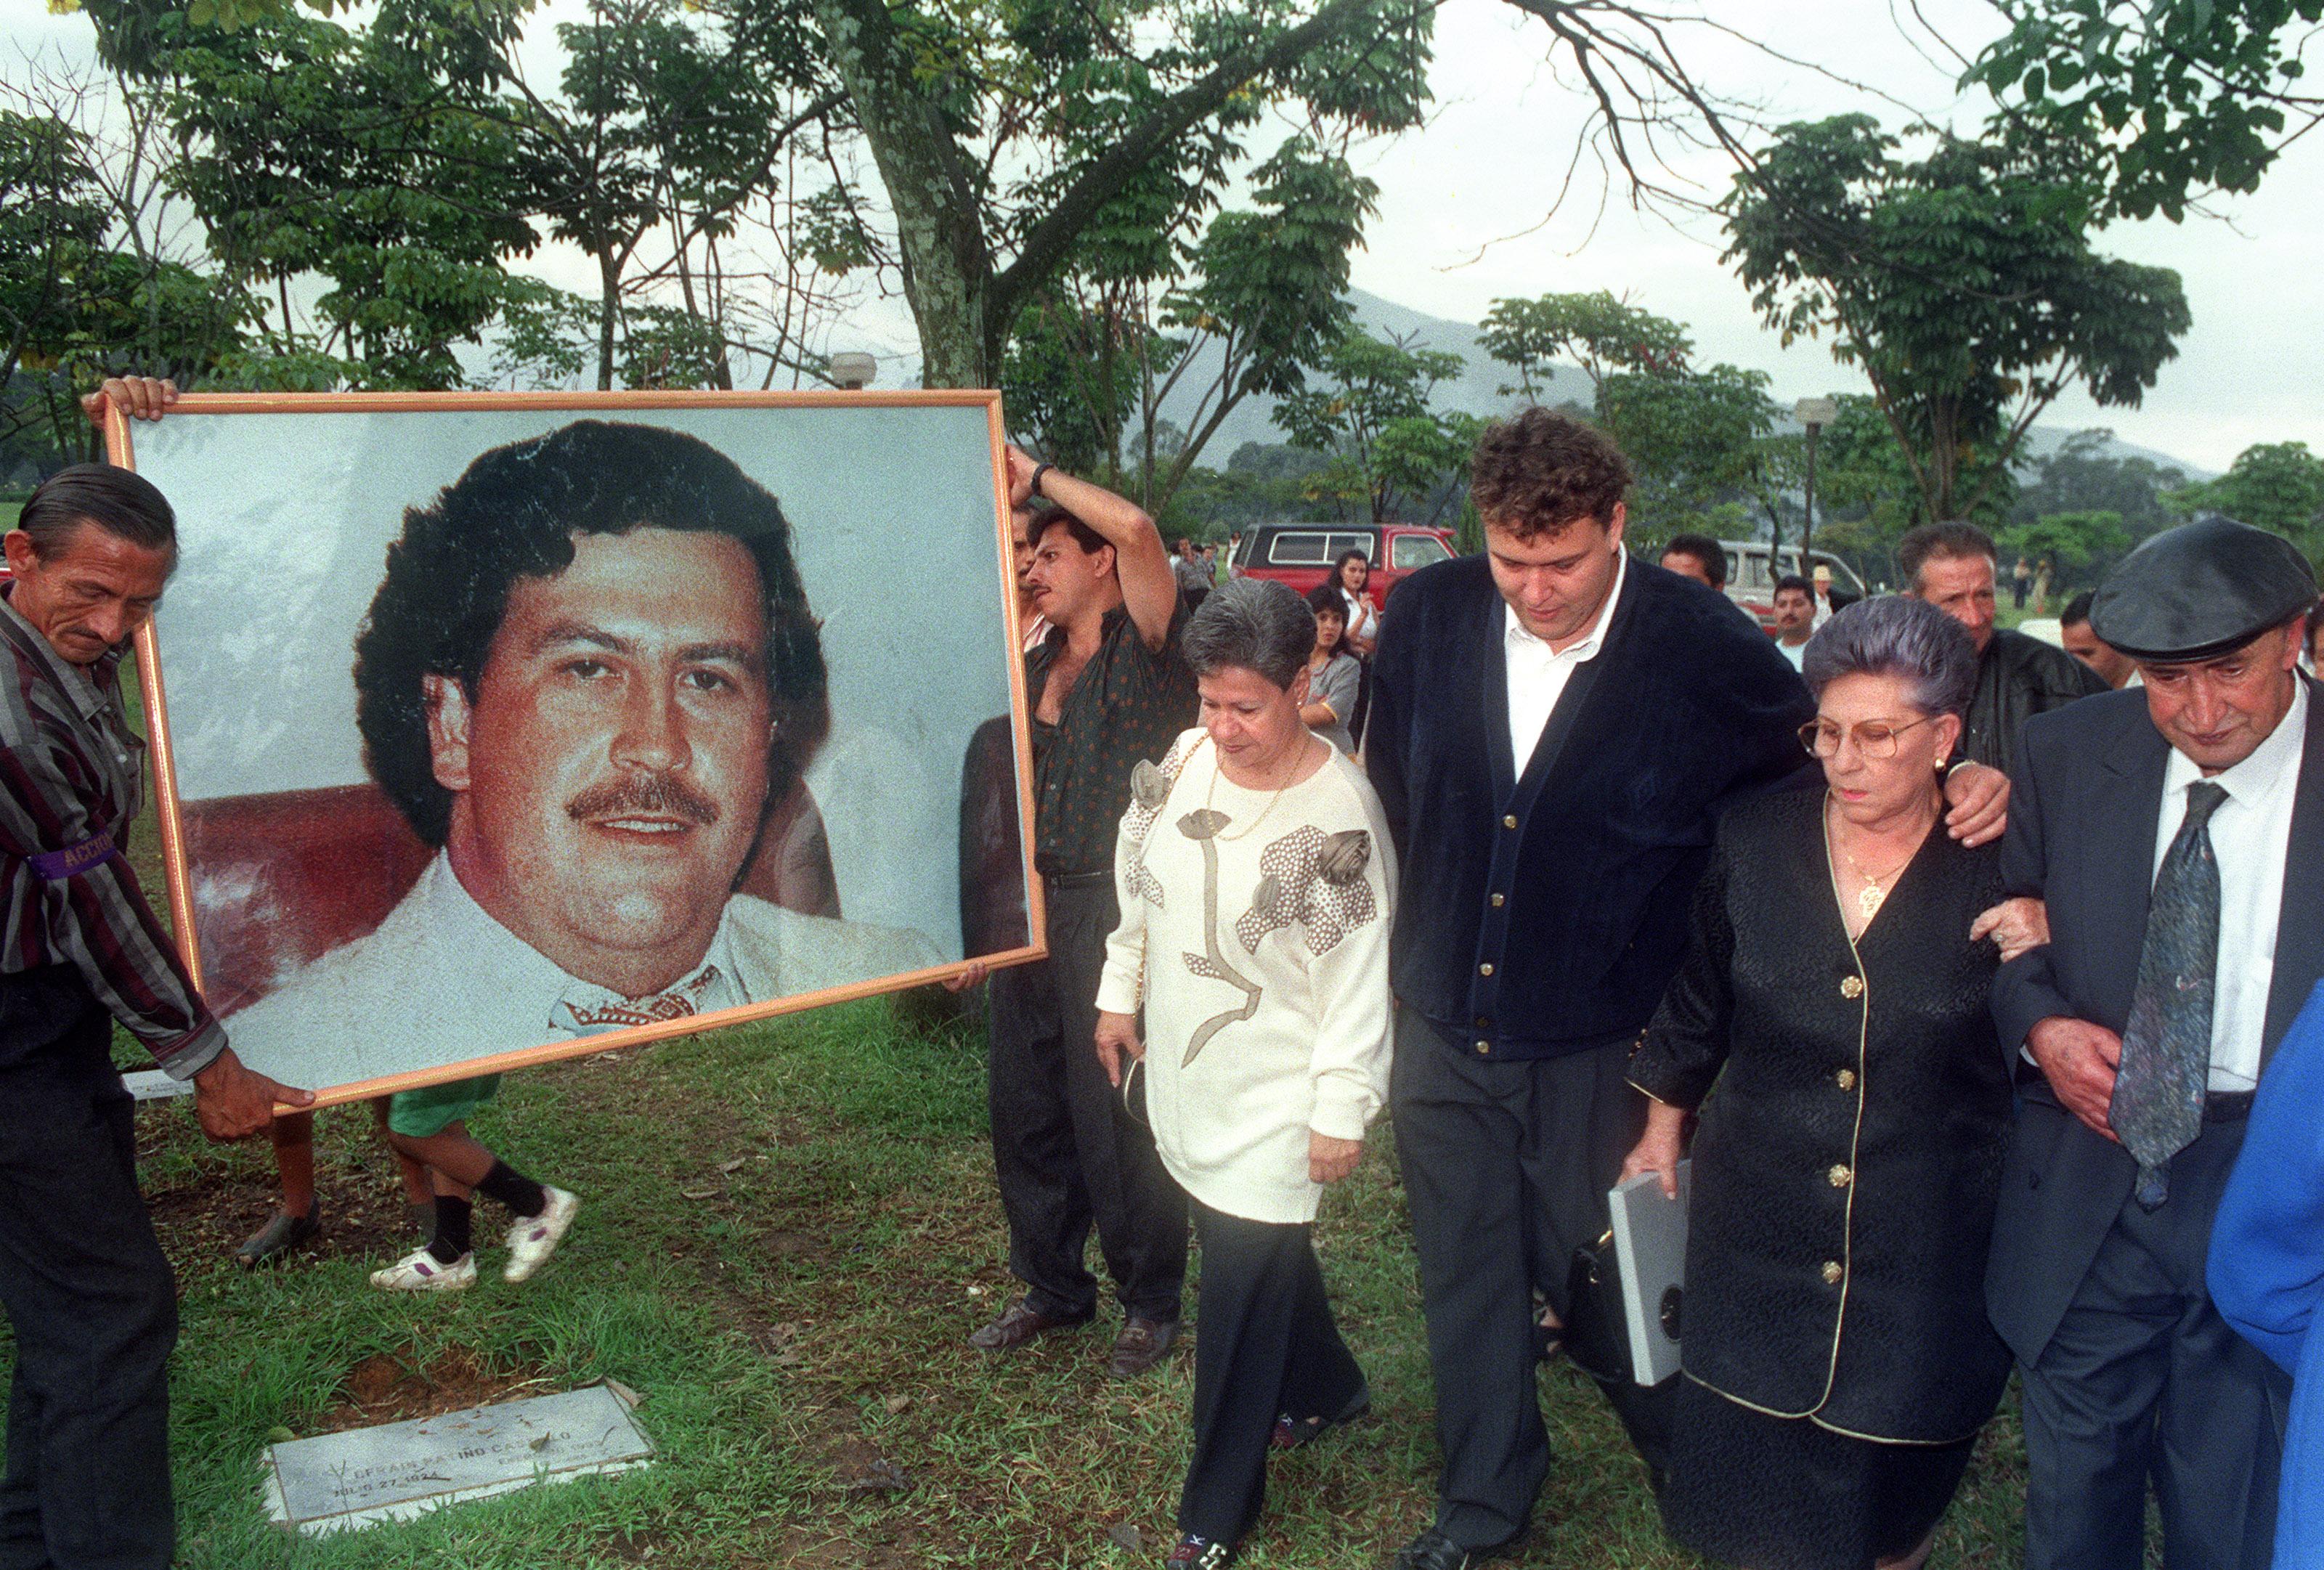 Escobar unokaöccse 18 millió dollárt talált egy szatyorba csomagolva